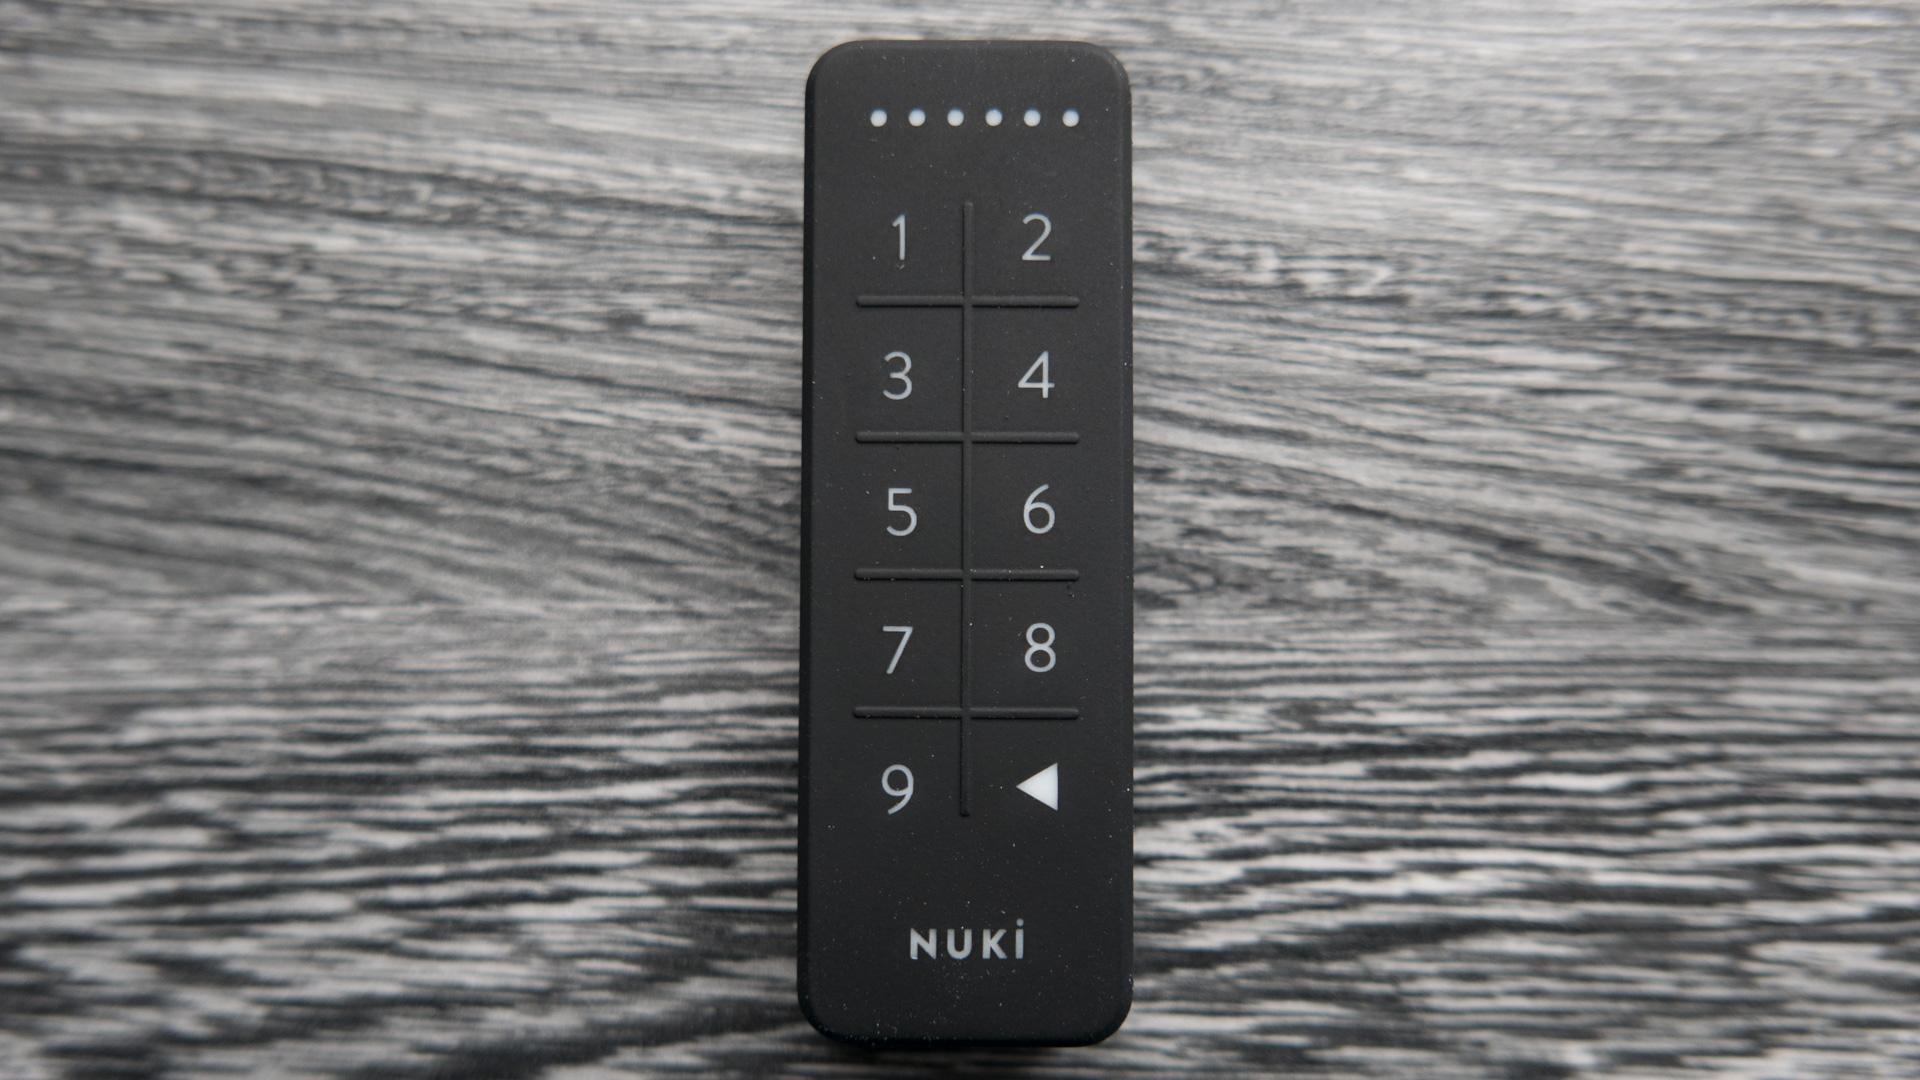 Nuki-Keypad-Details-8